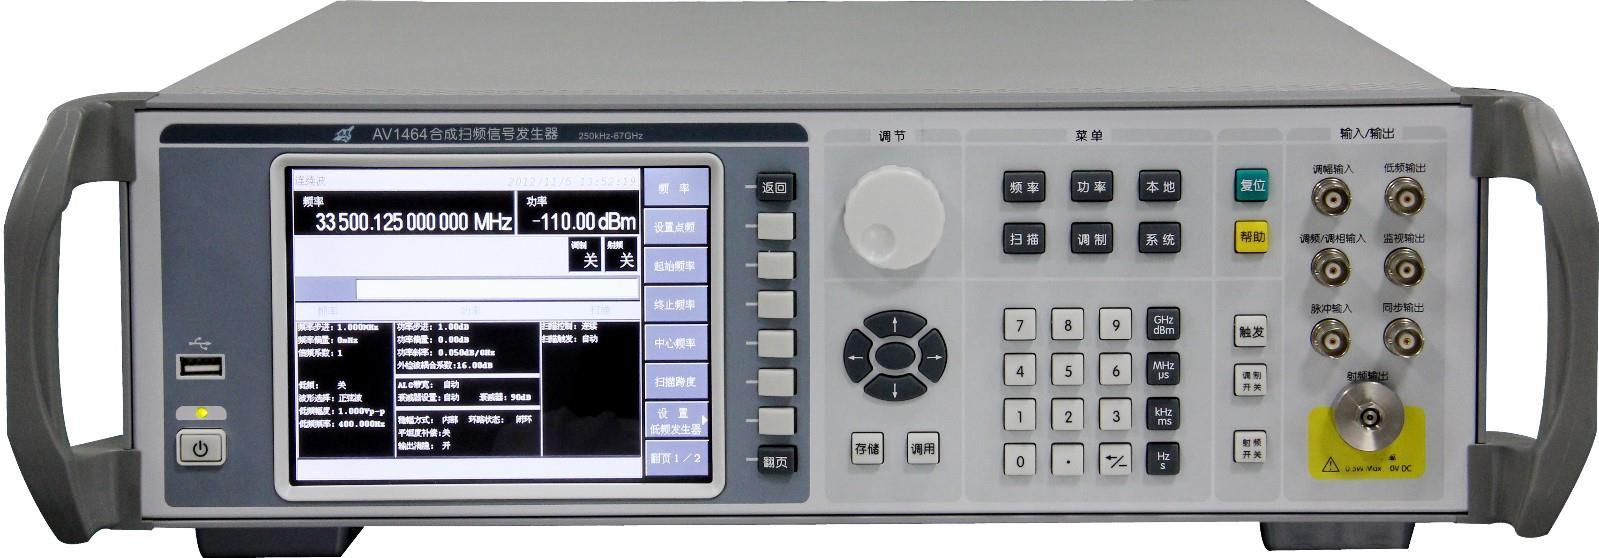 SIGNAL GENERATOR 250KHz - 50GHz - CEYEAR